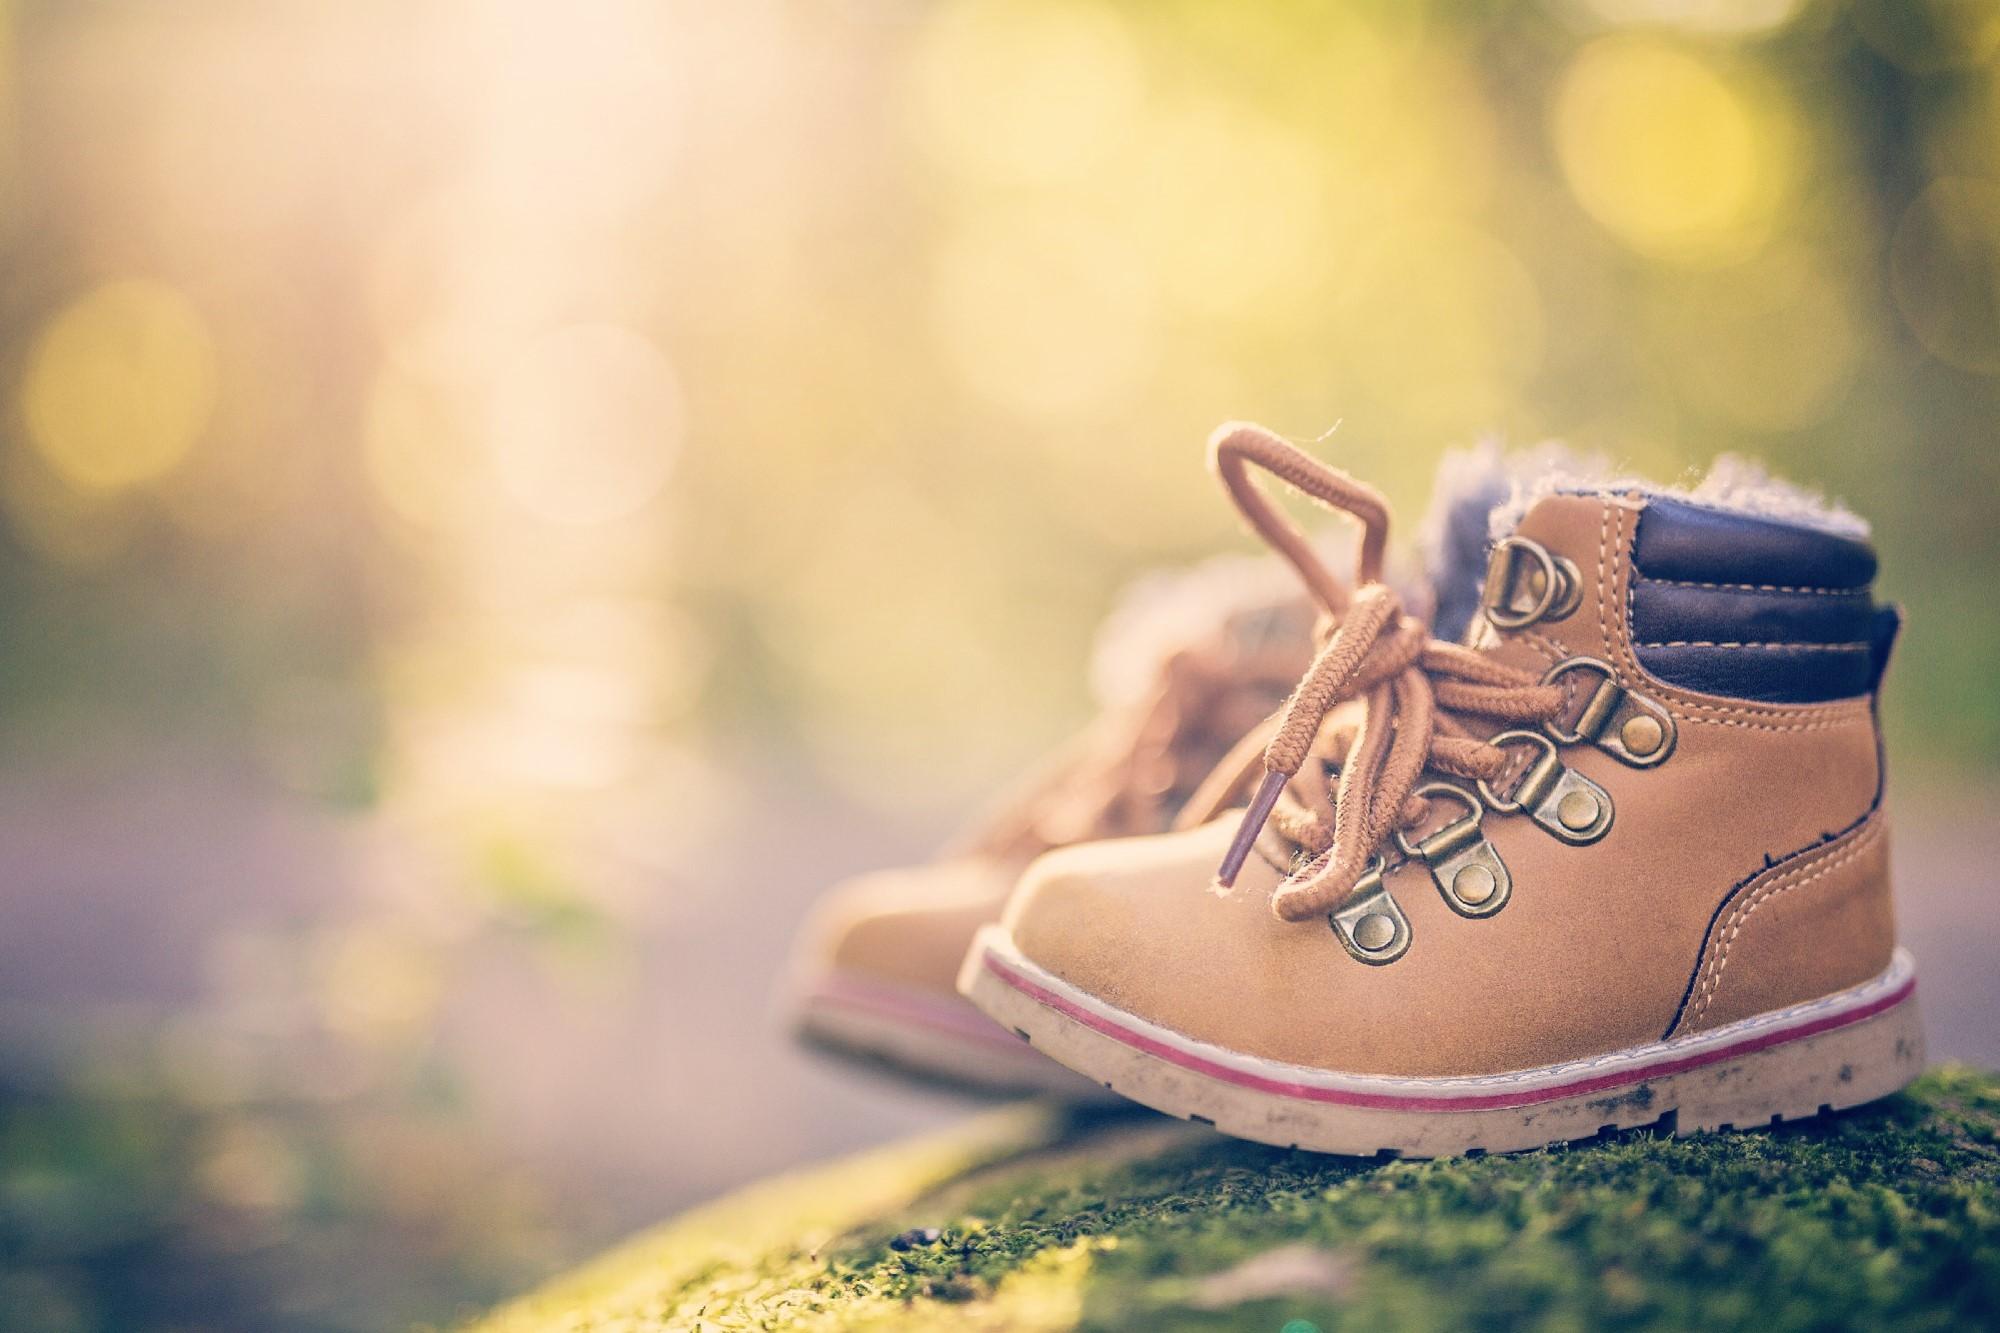 f0b0f4dfa67 Por qué los zapatos del bebé no deben sujetar el tobillo ni ser ...